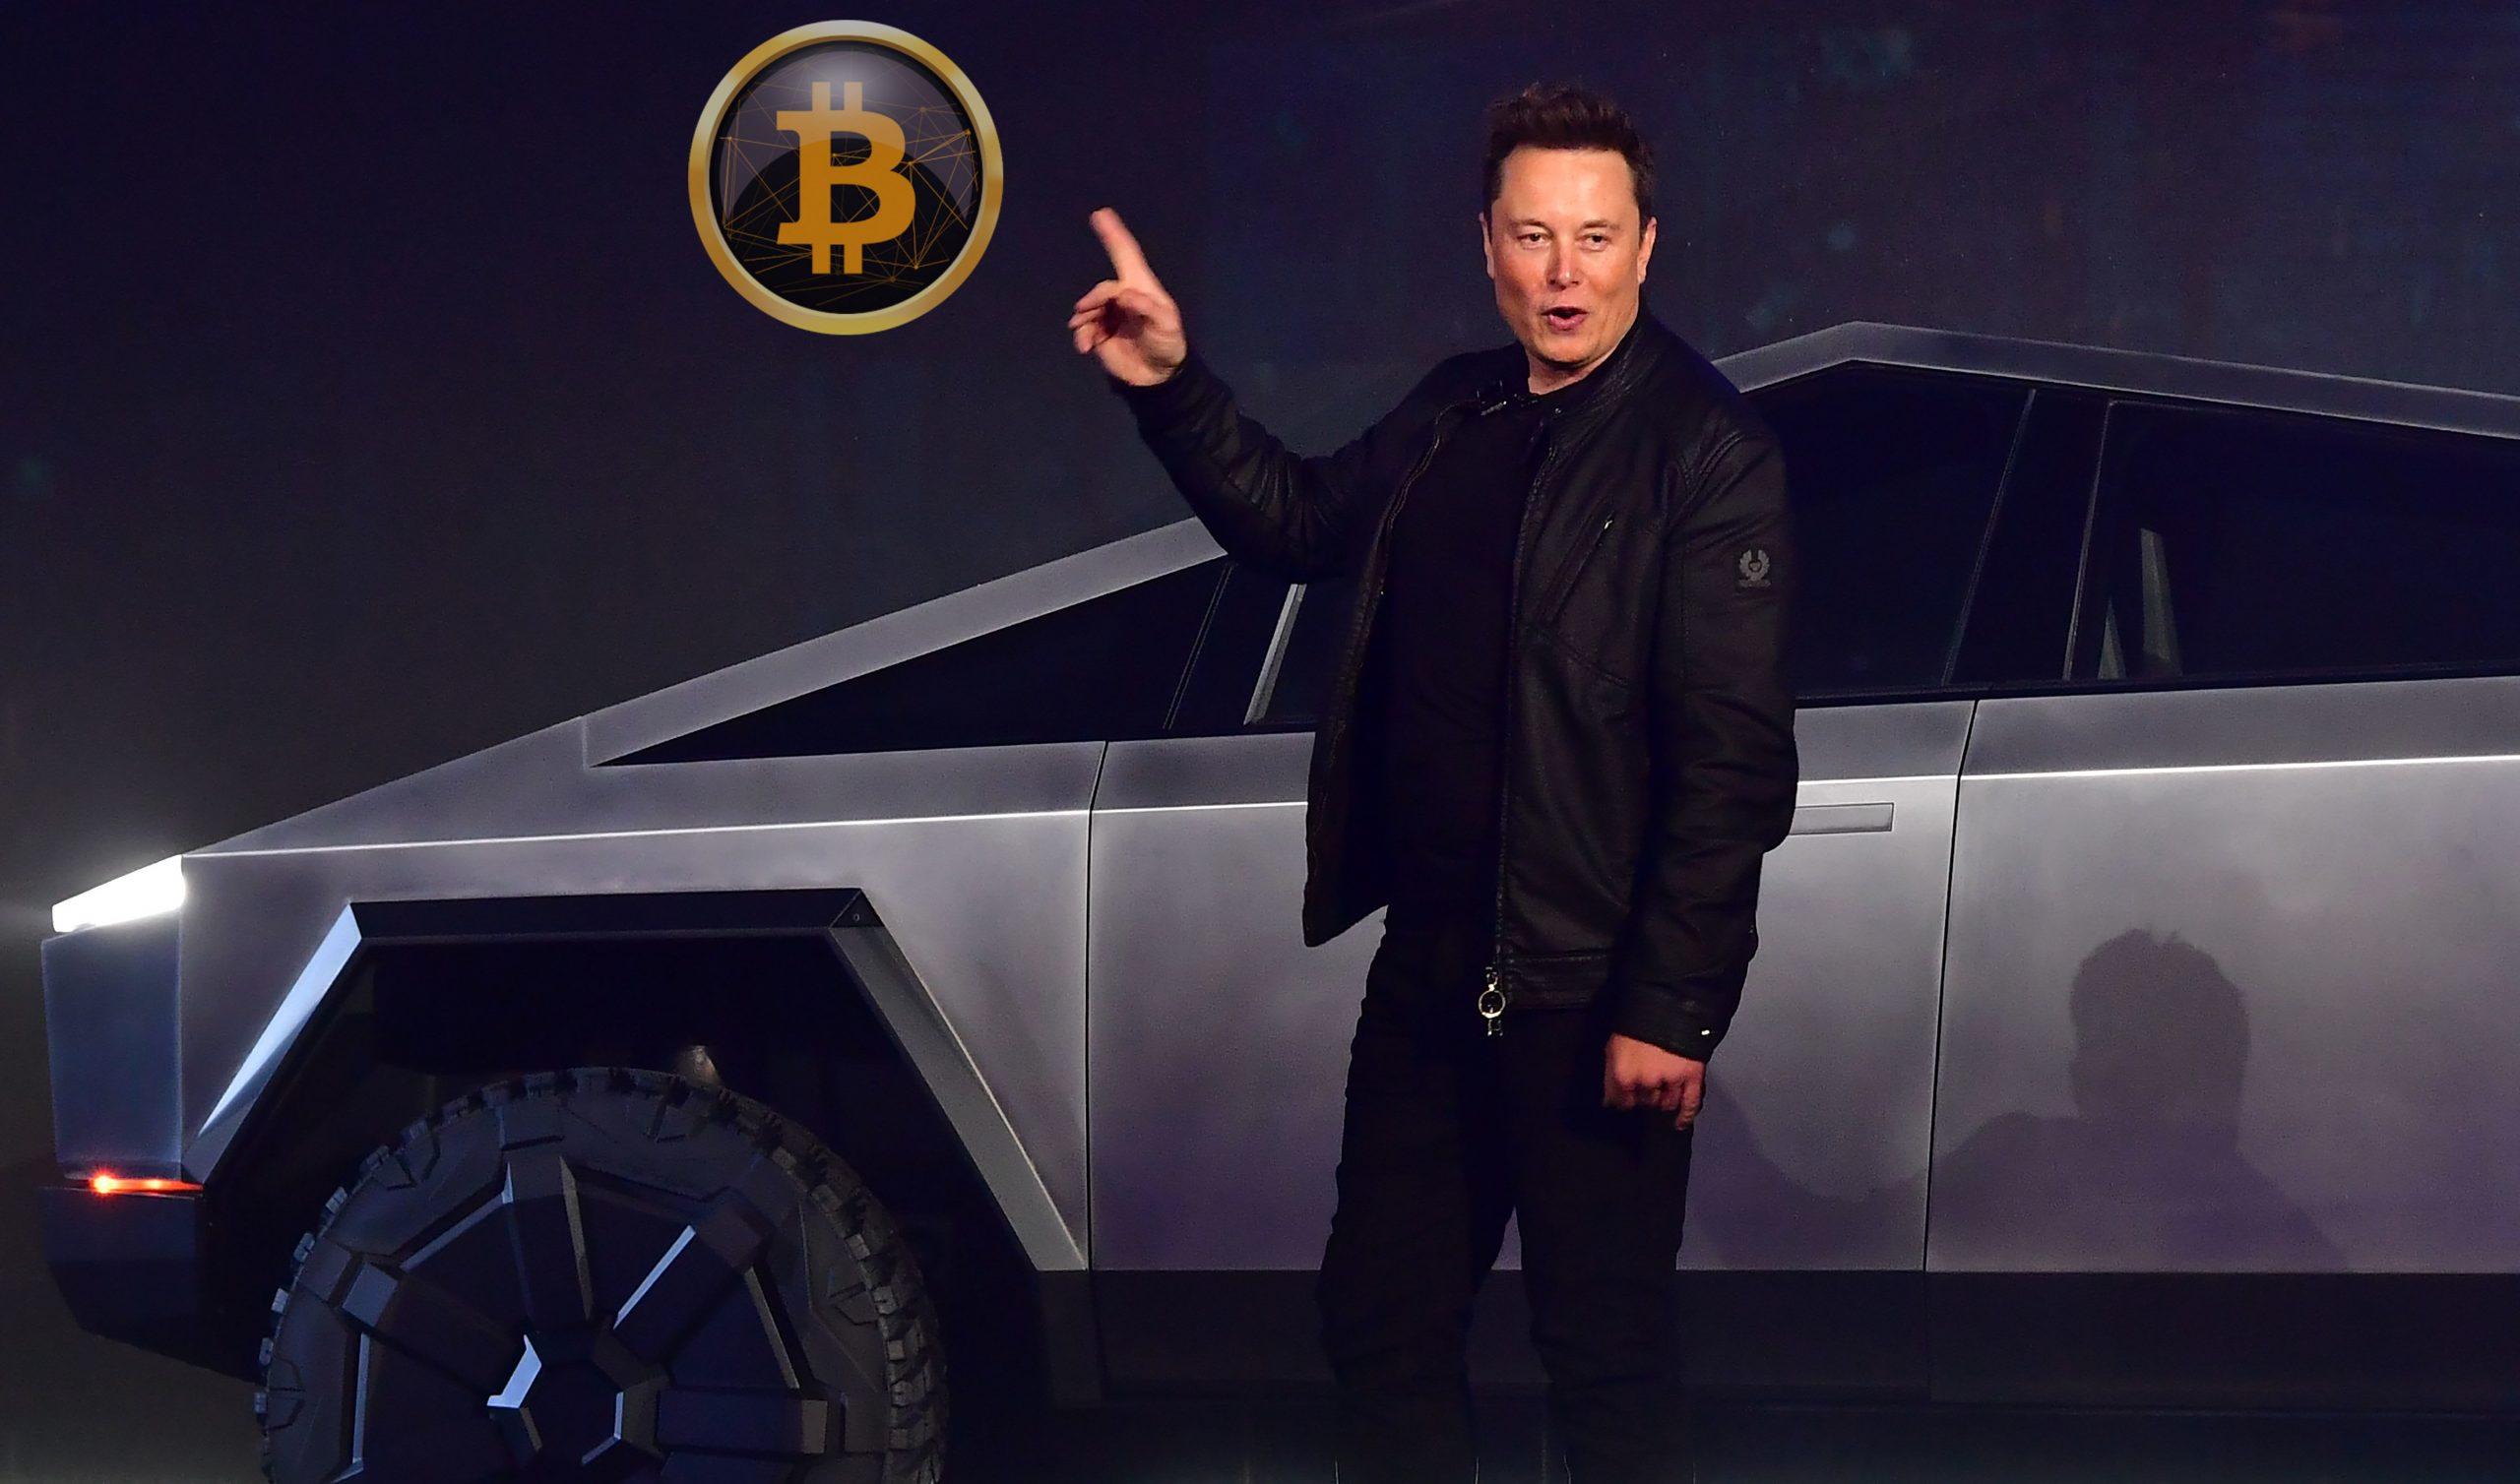 unlu milyarder elon musk a seslendi tesla cybertruck almak icin bitcoin btc kullanmak istiyorum